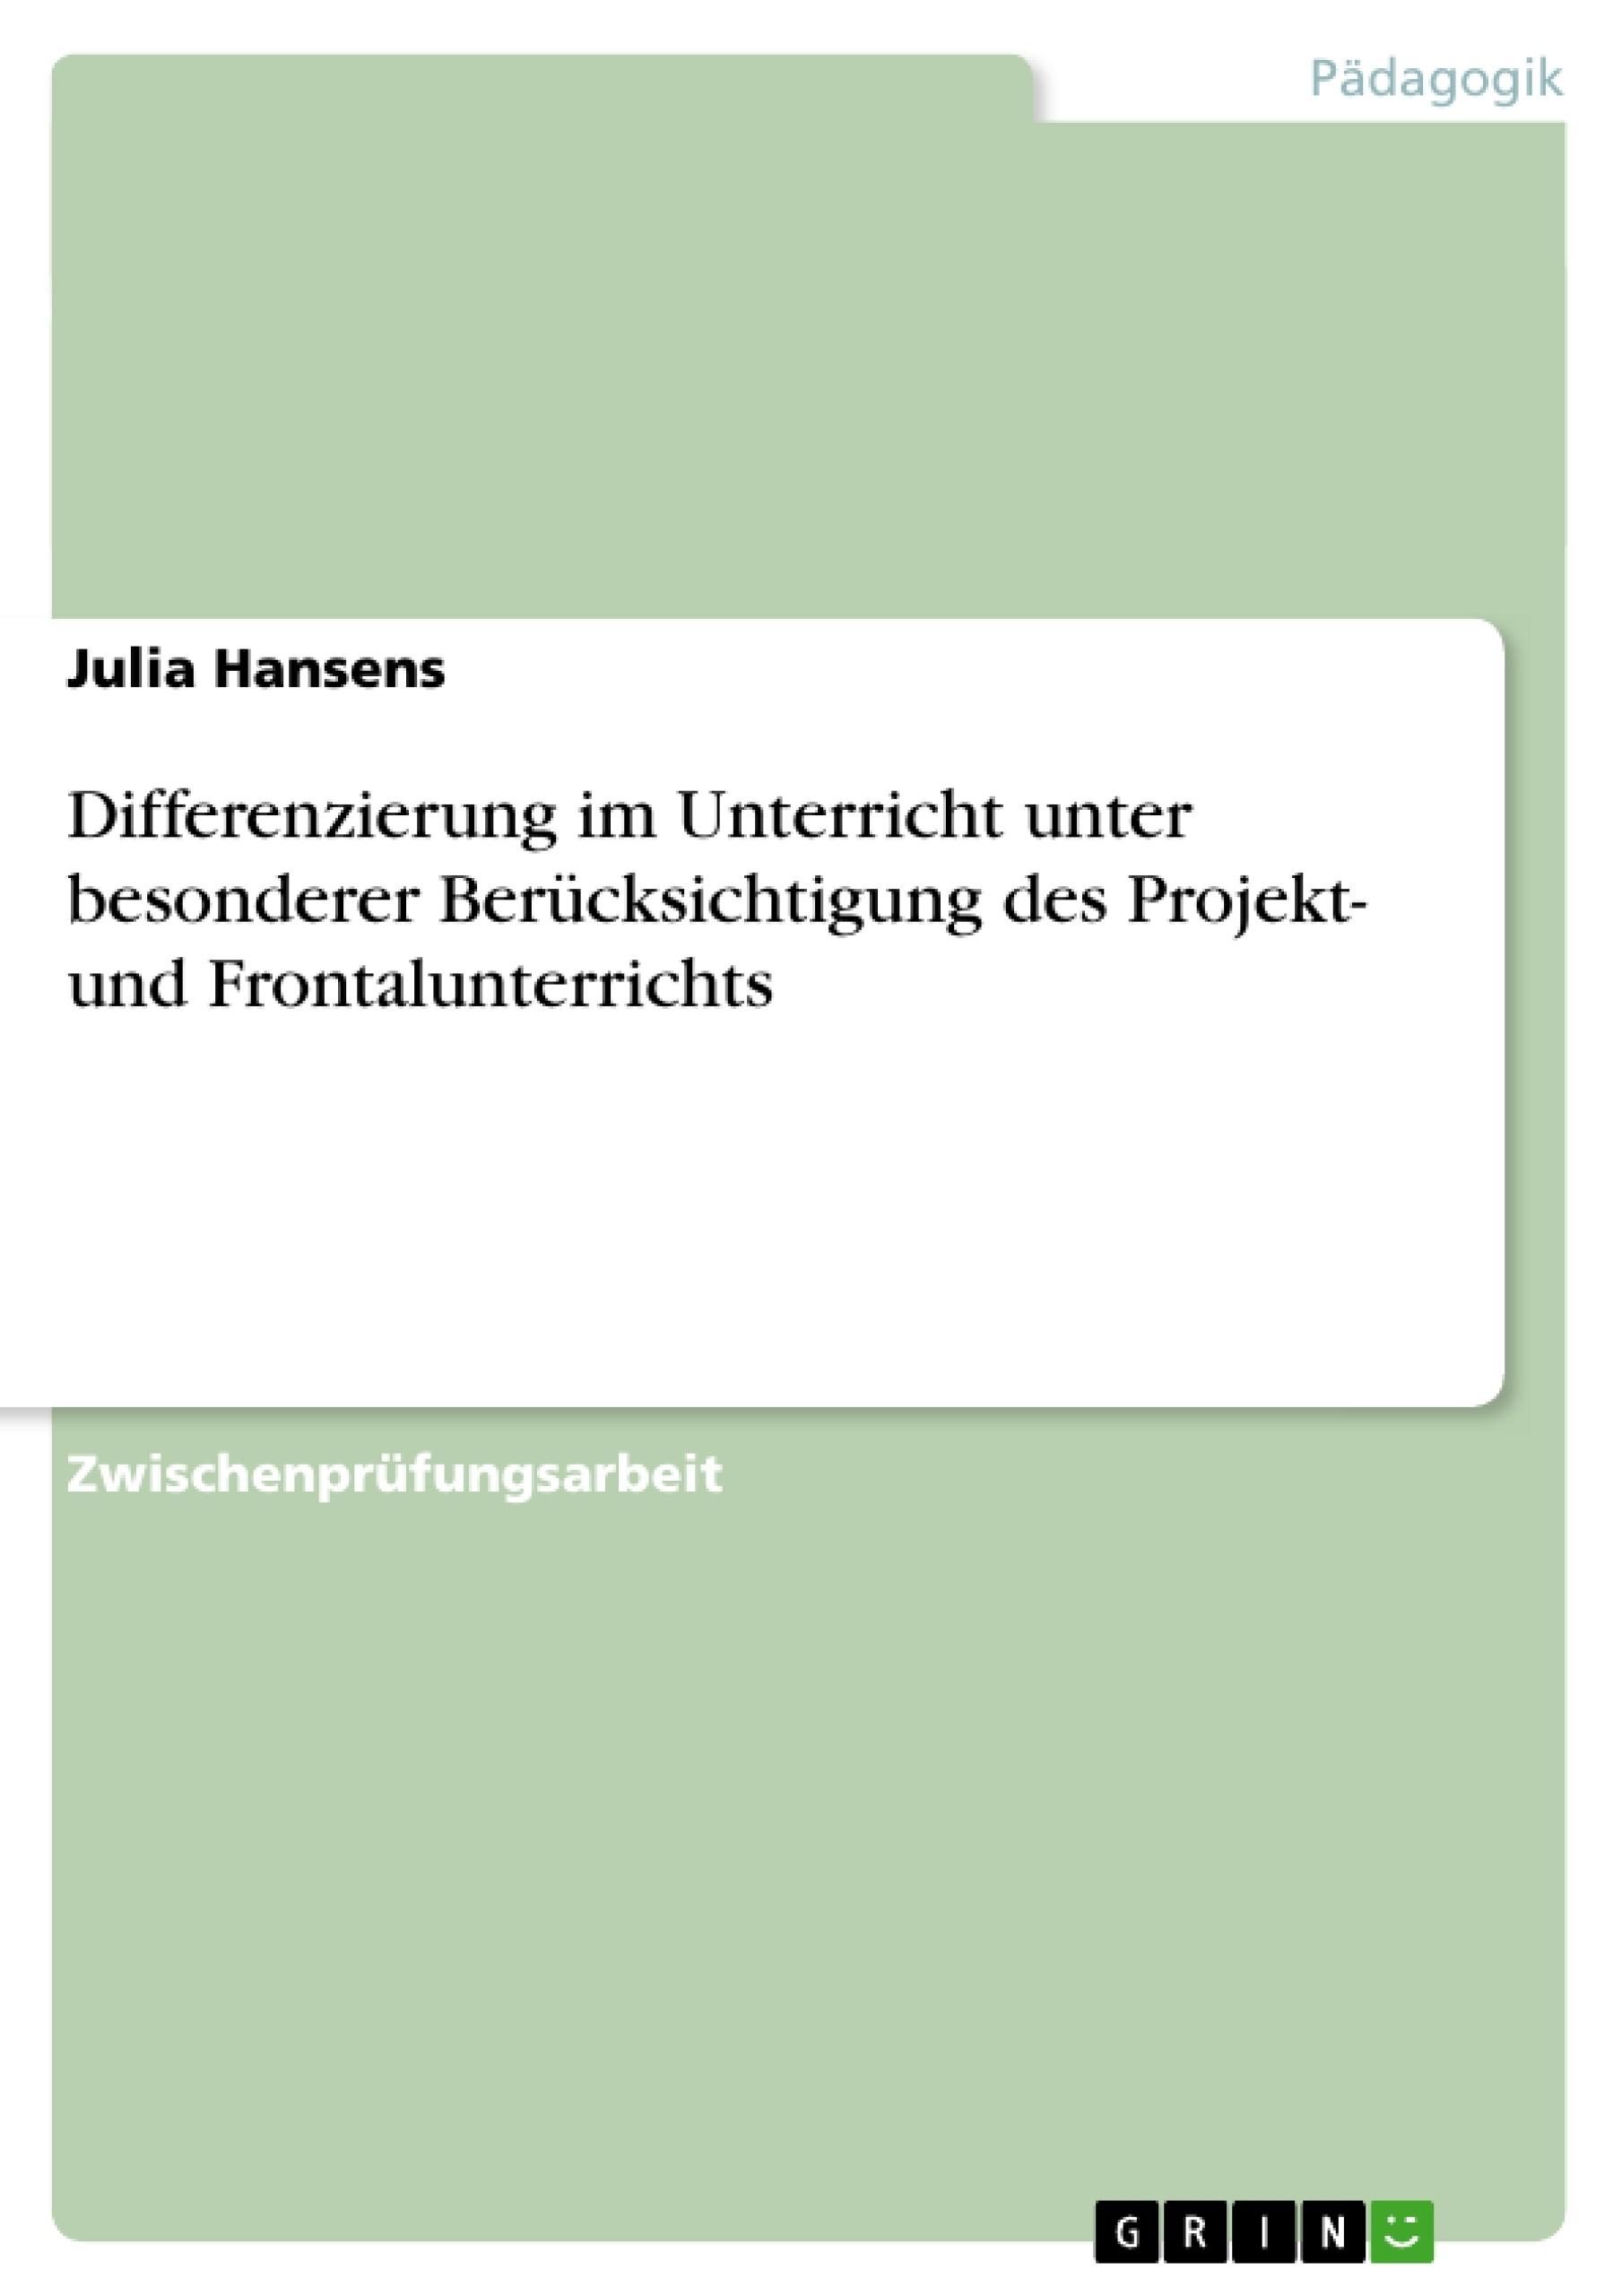 Titel: Differenzierung im Unterricht unter besonderer Berücksichtigung des Projekt- und Frontalunterrichts